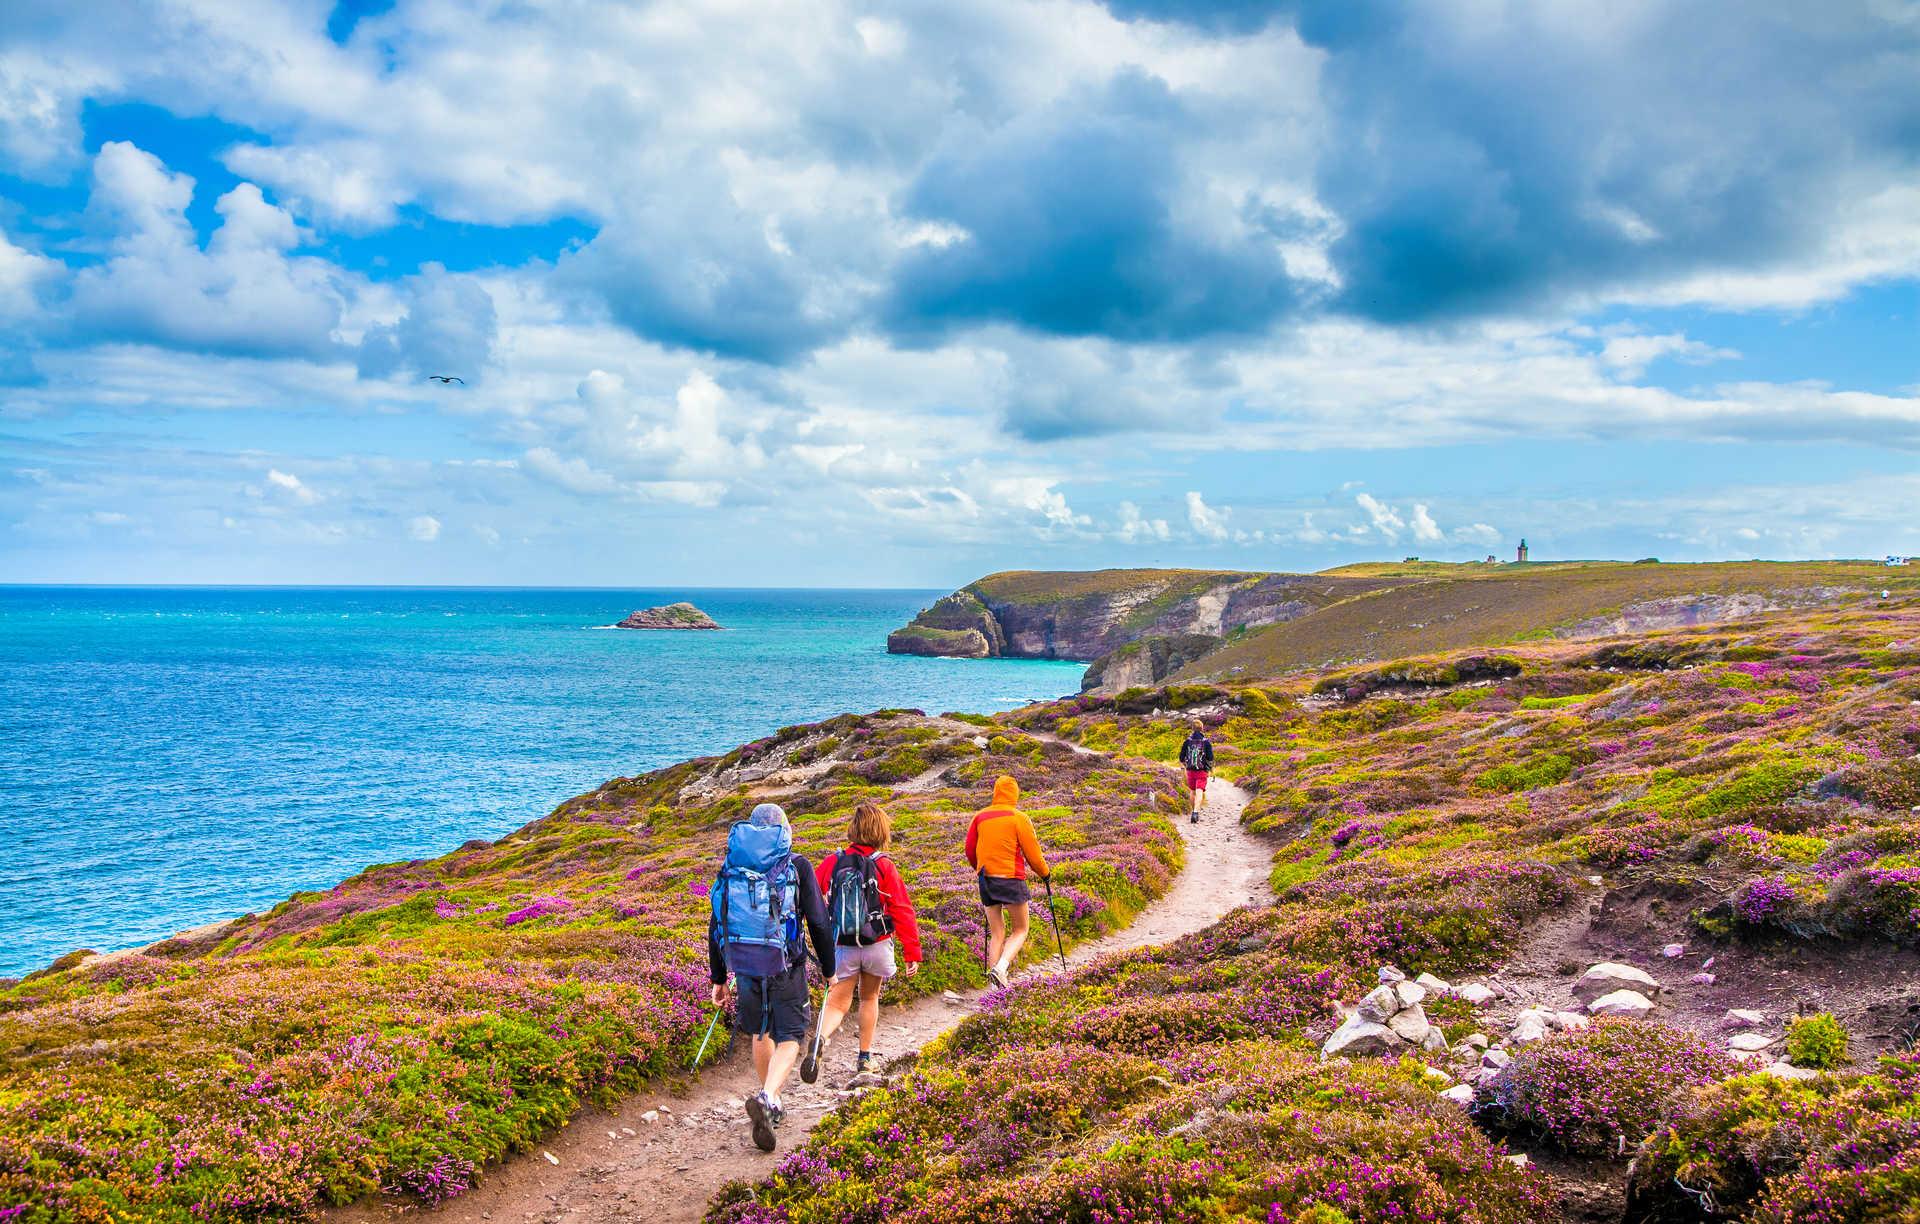 Randonneurs le long des côtes du Cap Fréhel en Bretagne